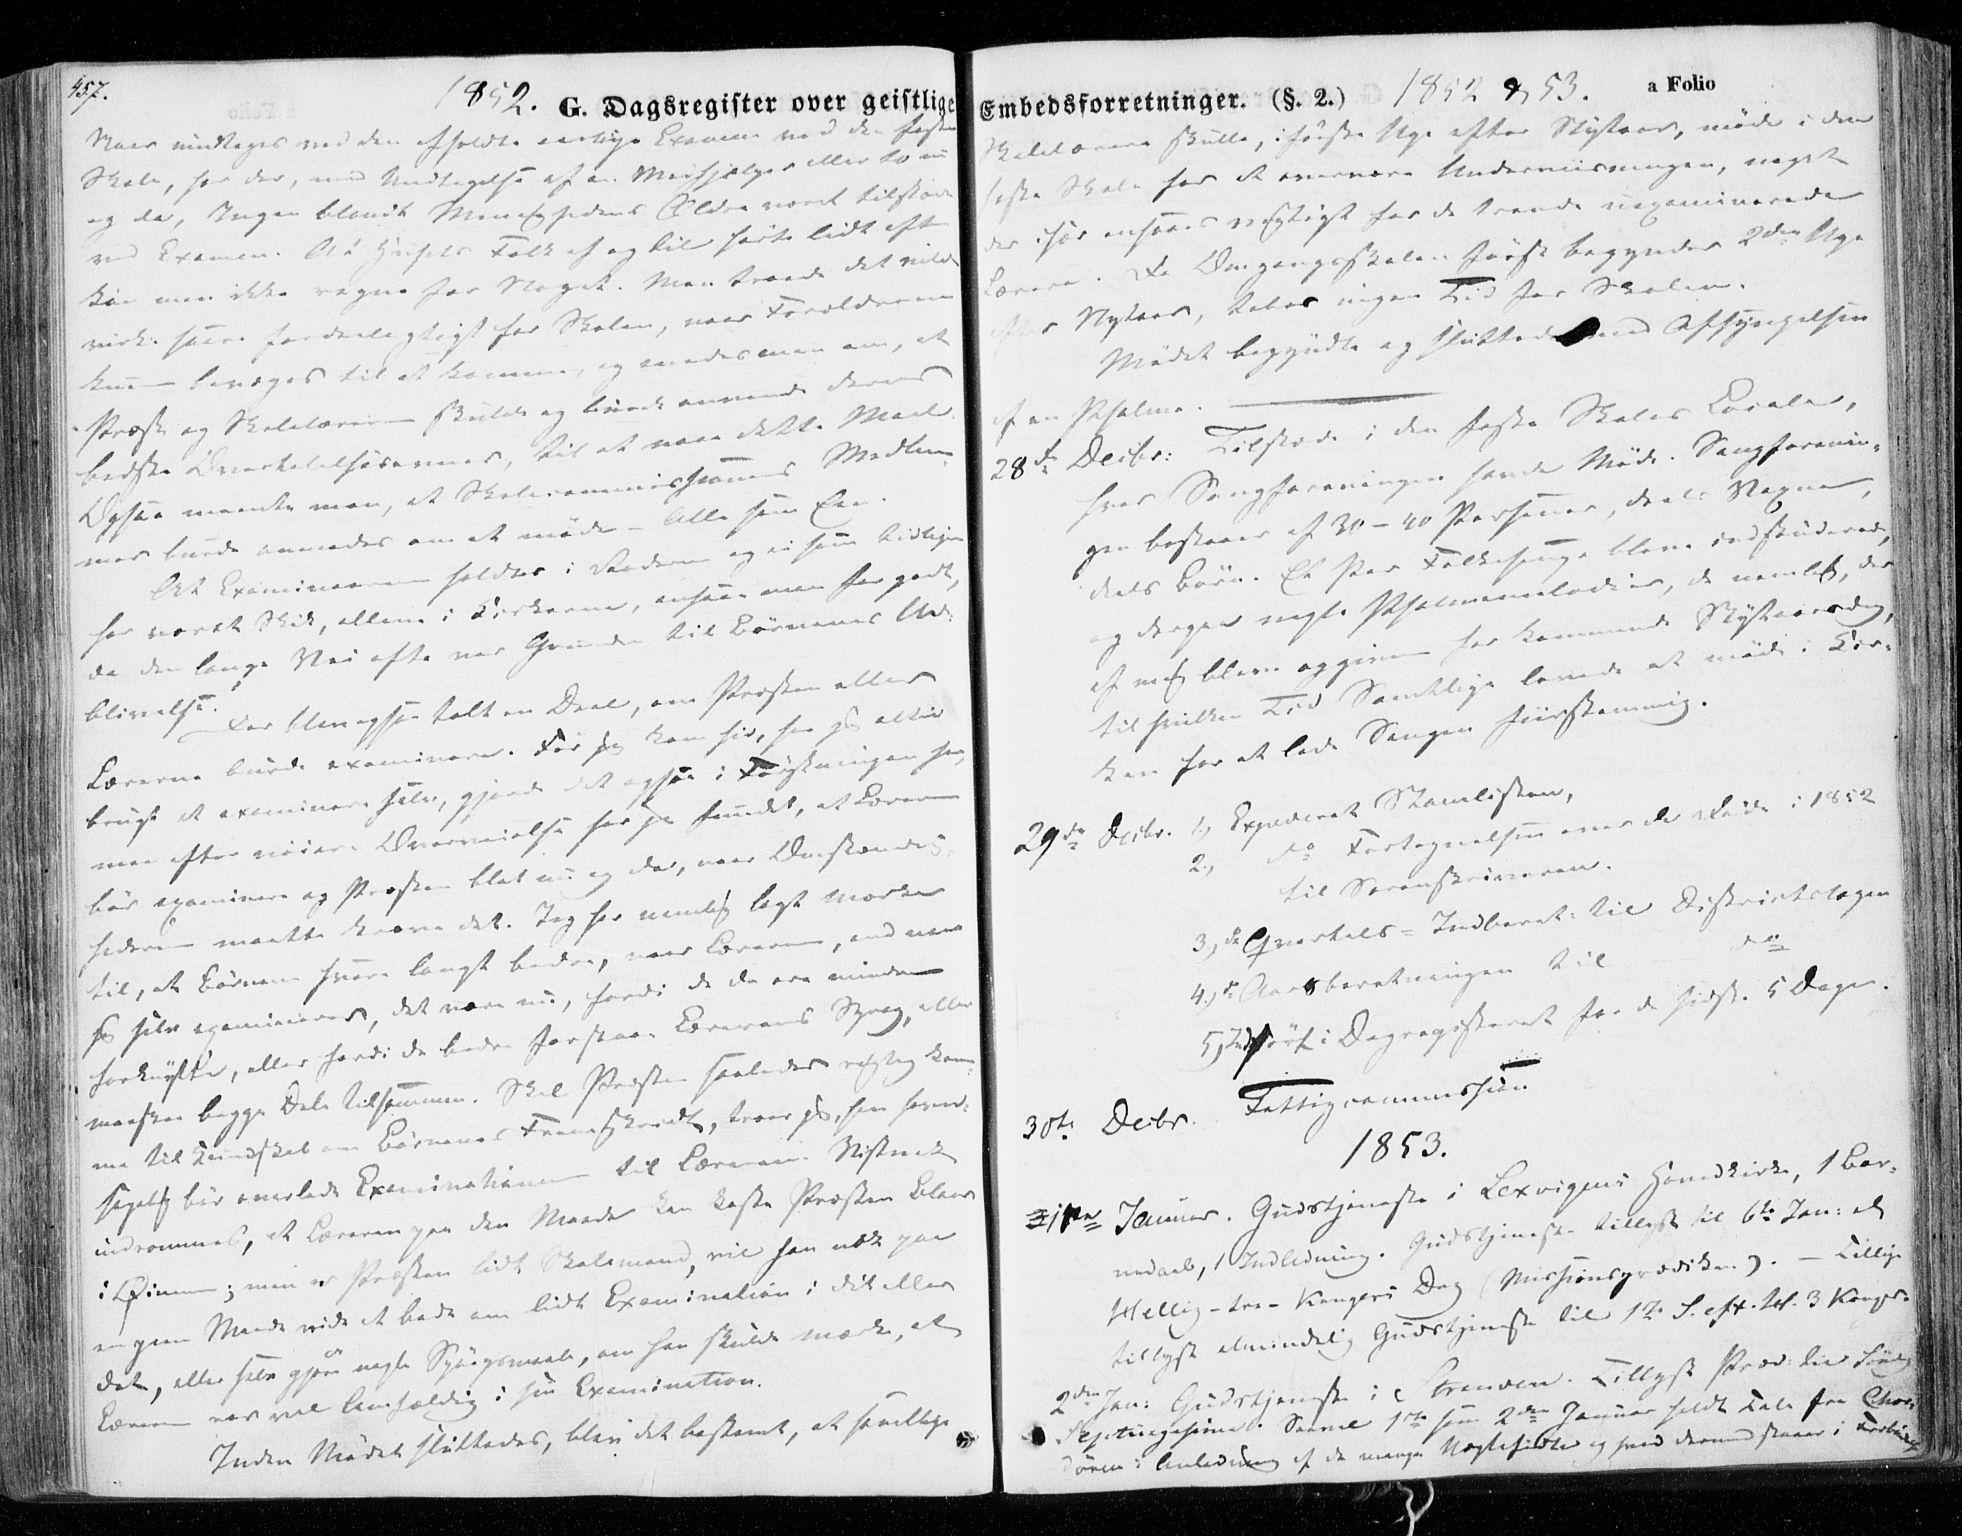 SAT, Ministerialprotokoller, klokkerbøker og fødselsregistre - Nord-Trøndelag, 701/L0007: Ministerialbok nr. 701A07 /1, 1842-1854, s. 457